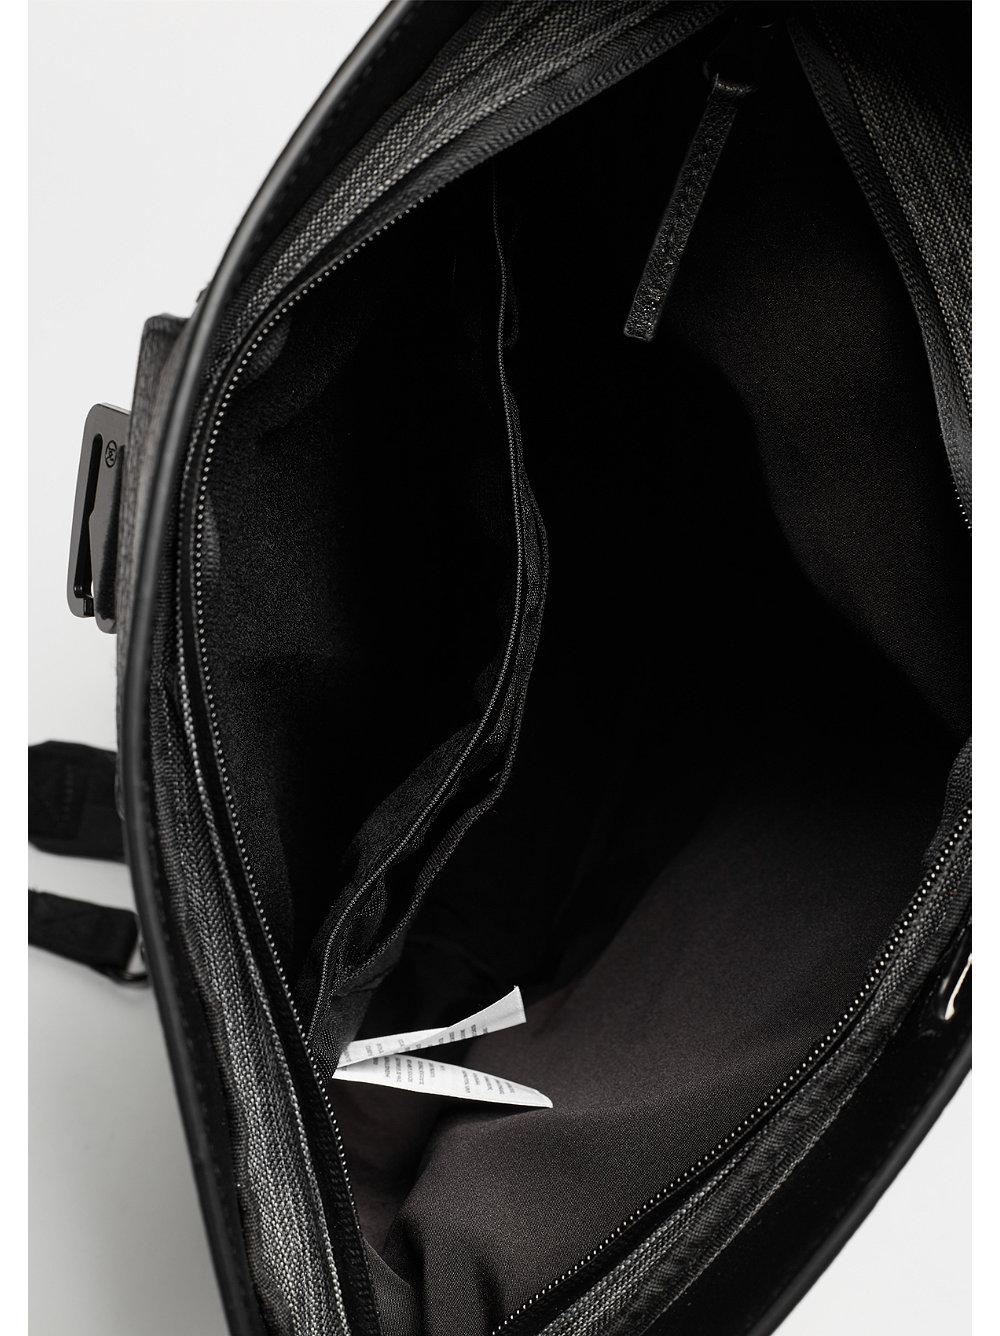 ucon acrobatics rucksack taglo black bei snipes bestellen. Black Bedroom Furniture Sets. Home Design Ideas